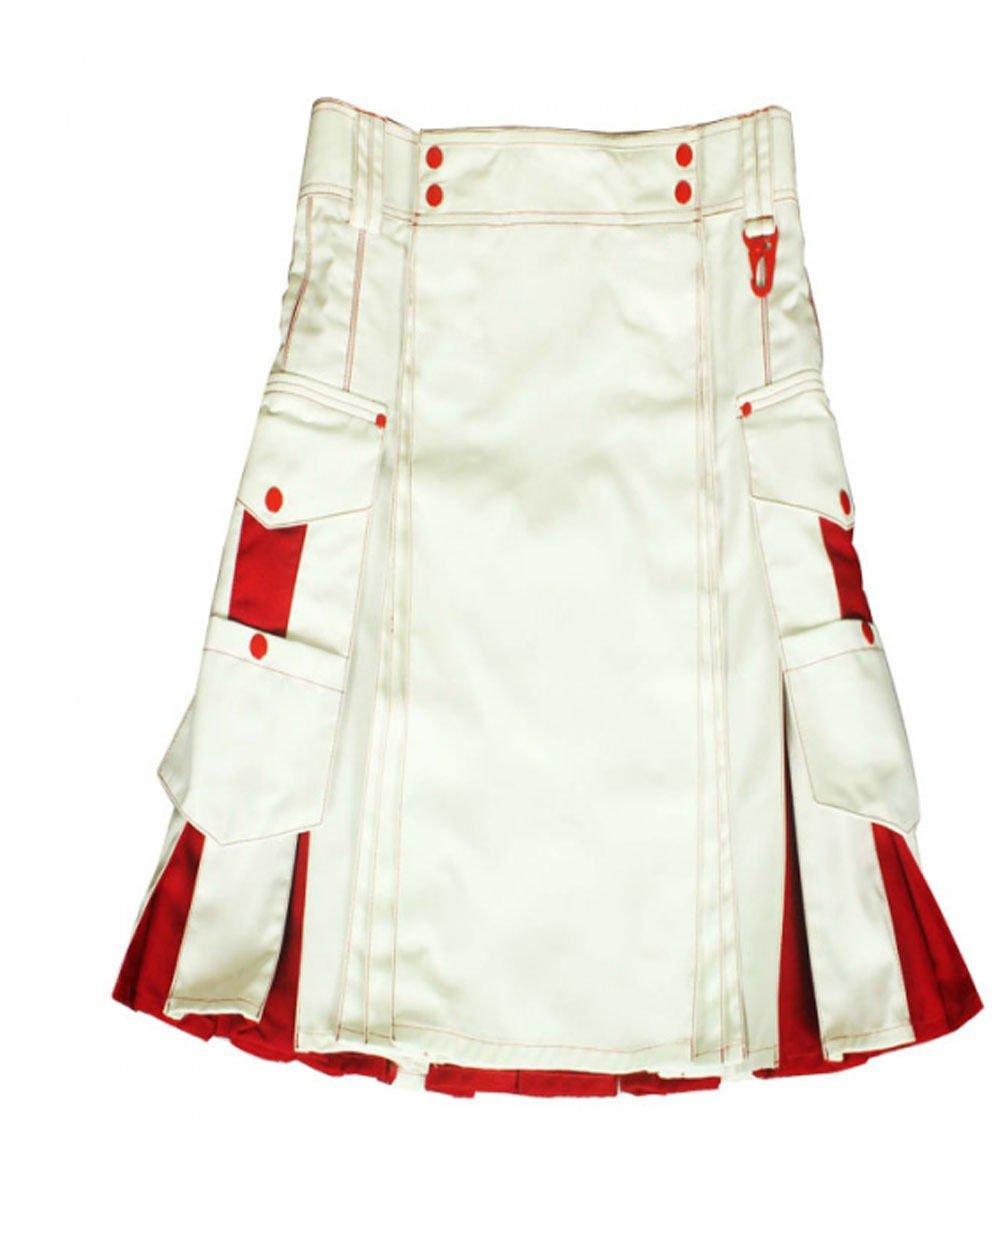 38 Size Handmade White & Red Cotton Kilt for Active Men, Hybrid Cotton Utility Deluxe Kilt